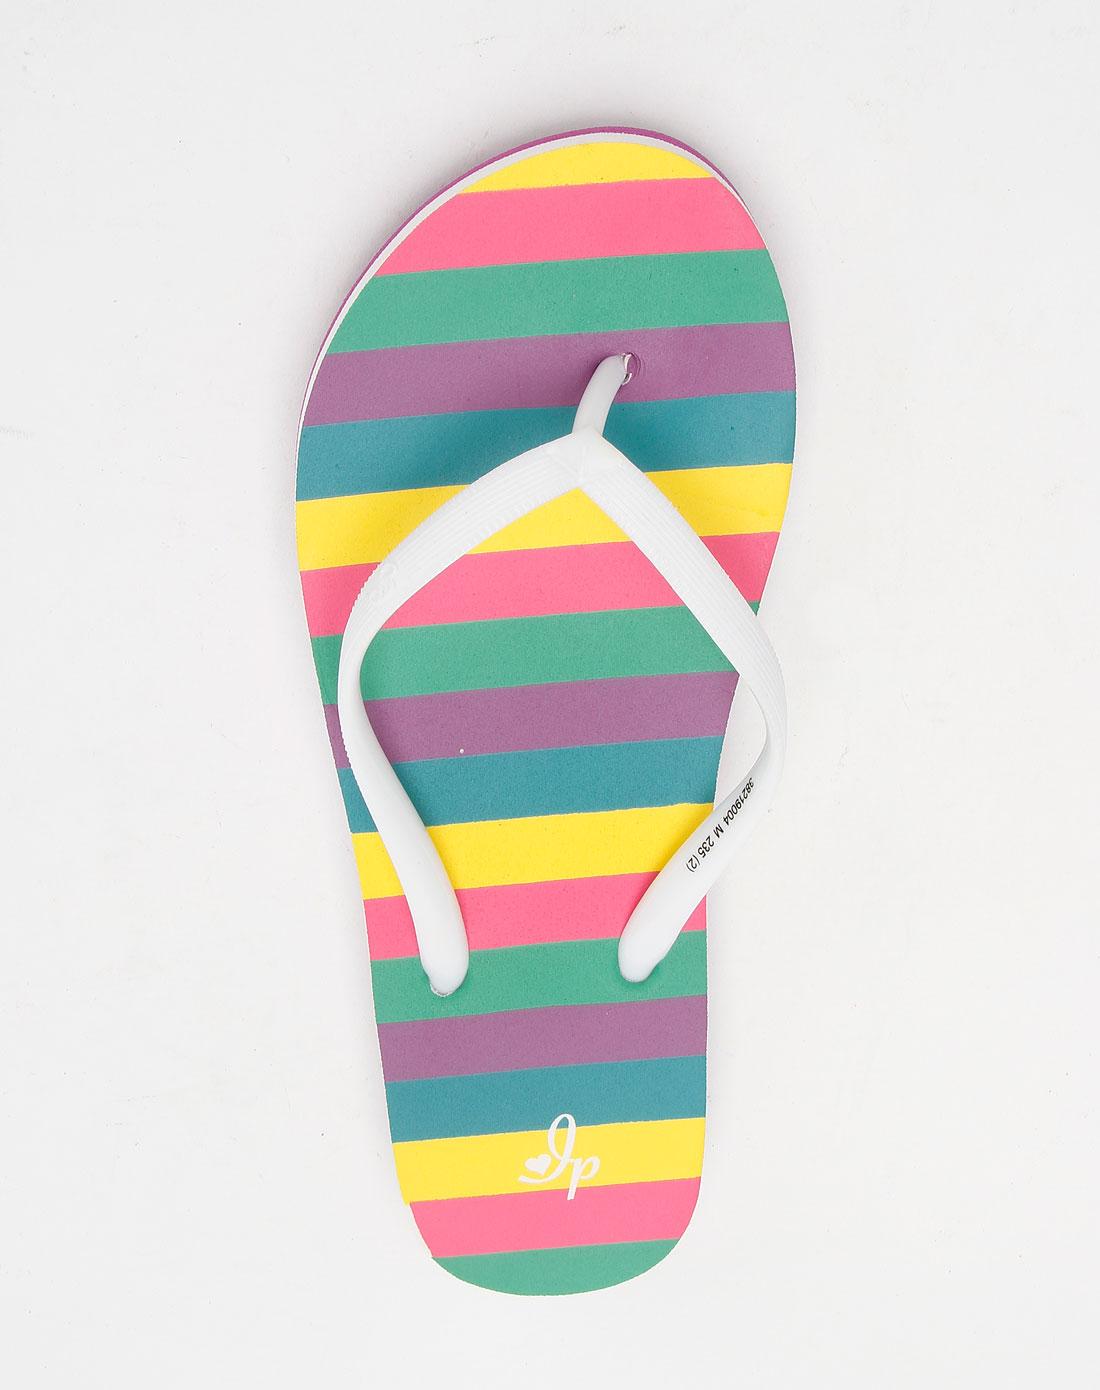 彩色蔬�:i��i-_互动地带i.p.zone女装专场-彩色时尚条纹沙滩拖鞋